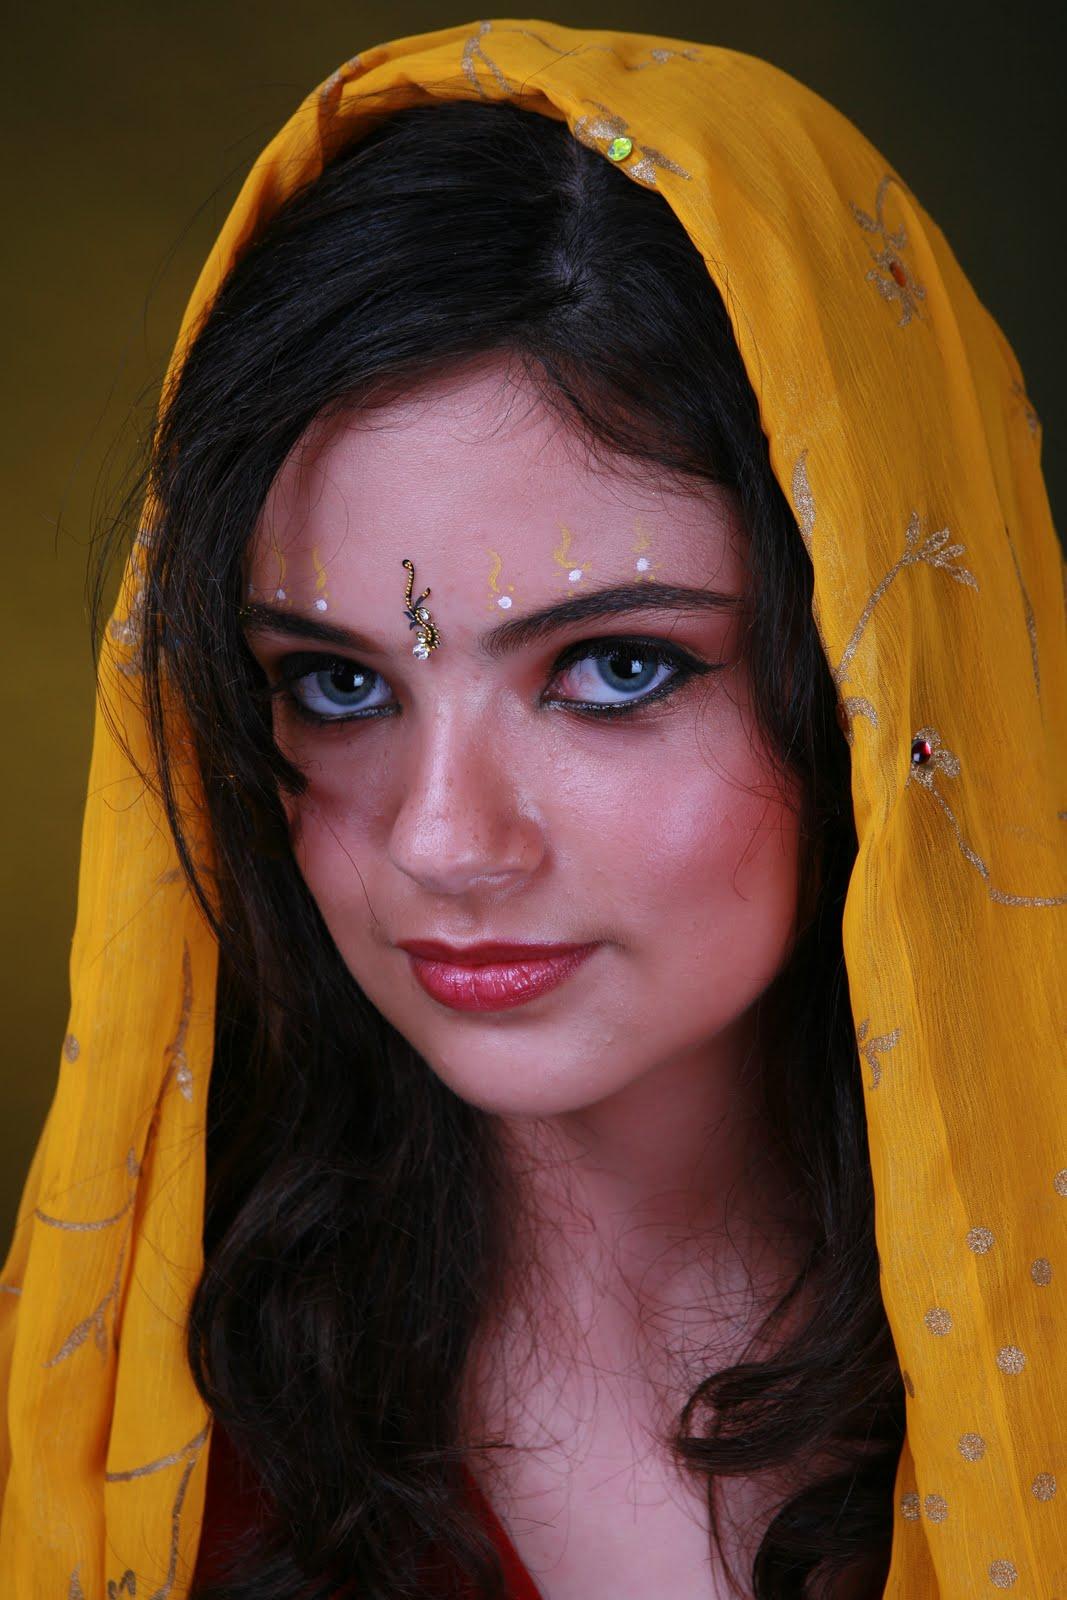 Maquillage indiens elegant cliquez pour agrandir bandeau indienne with maquillage indiens - Maquillage indienne d amerique ...